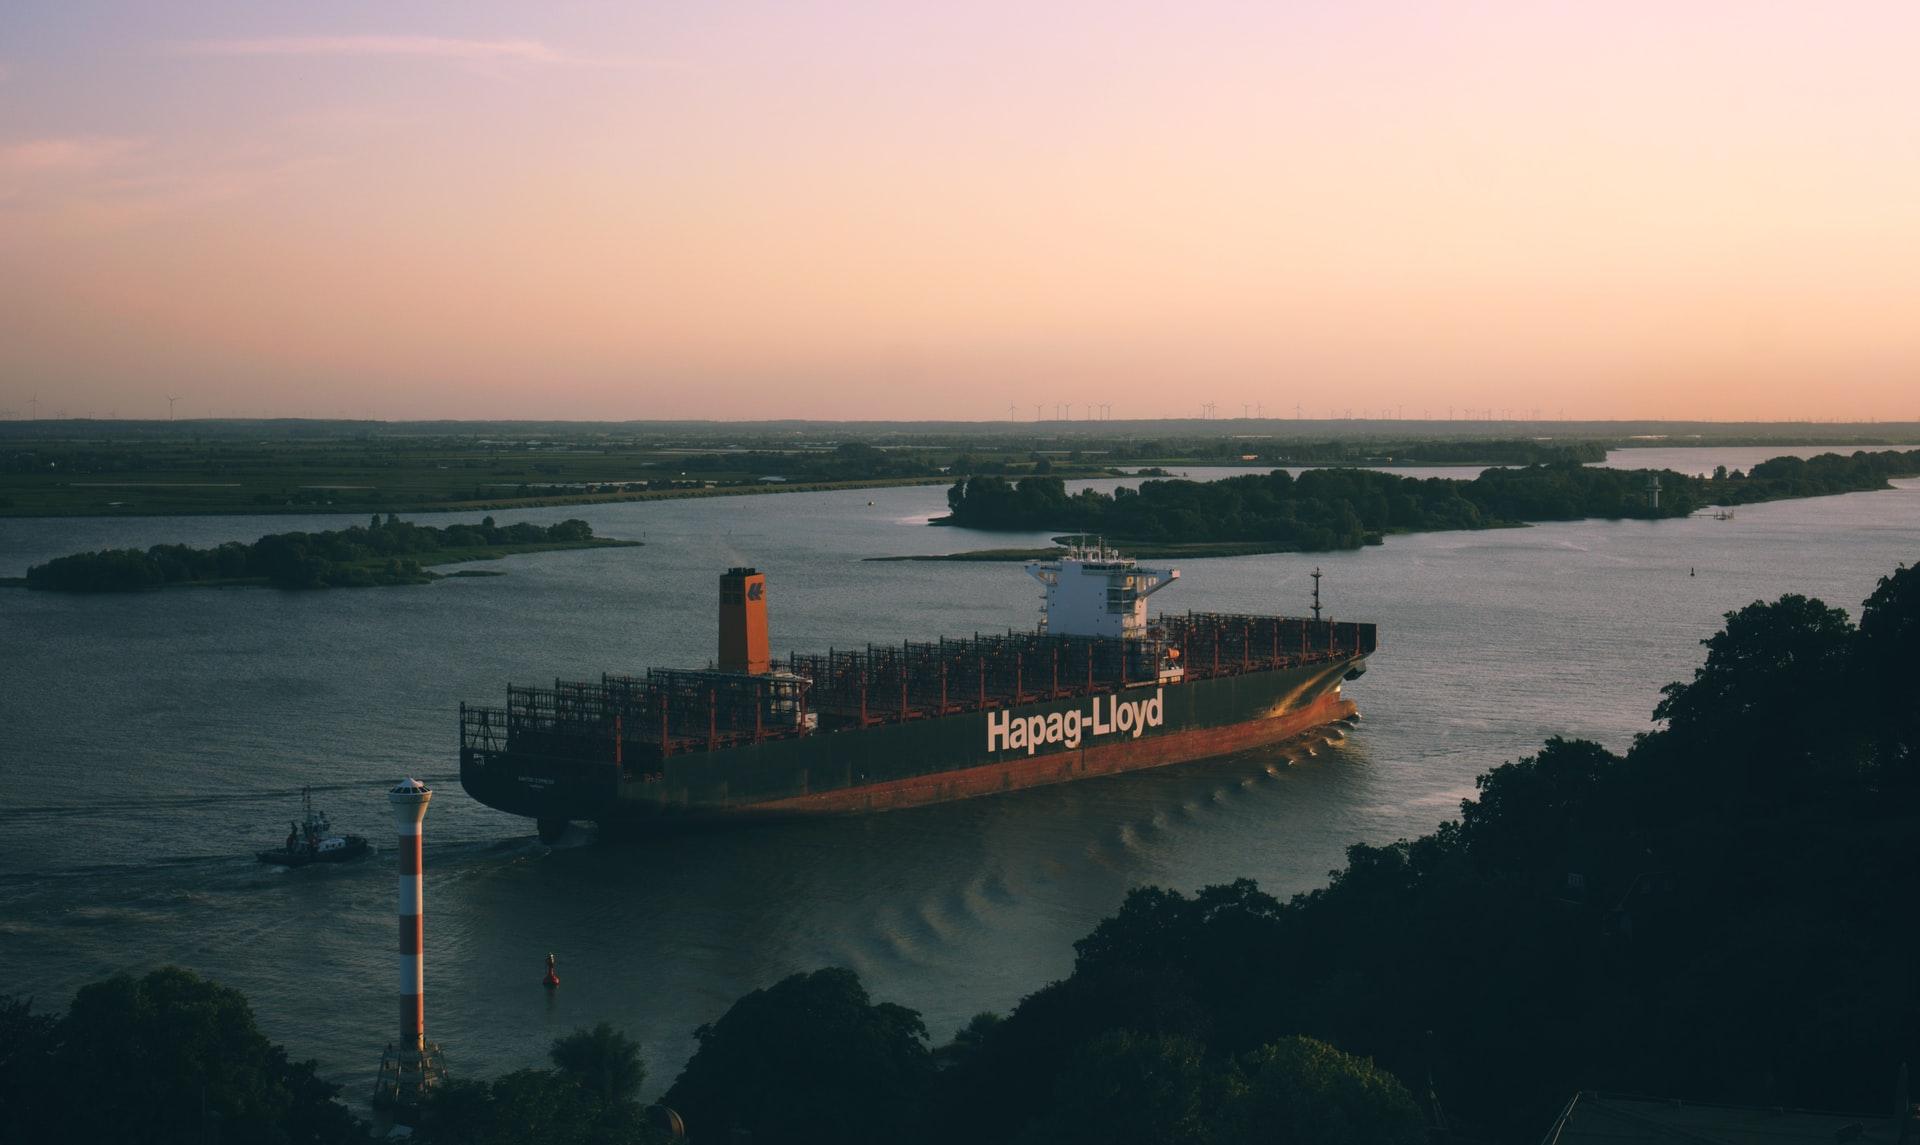 La integración de sistemas en la logística marítima